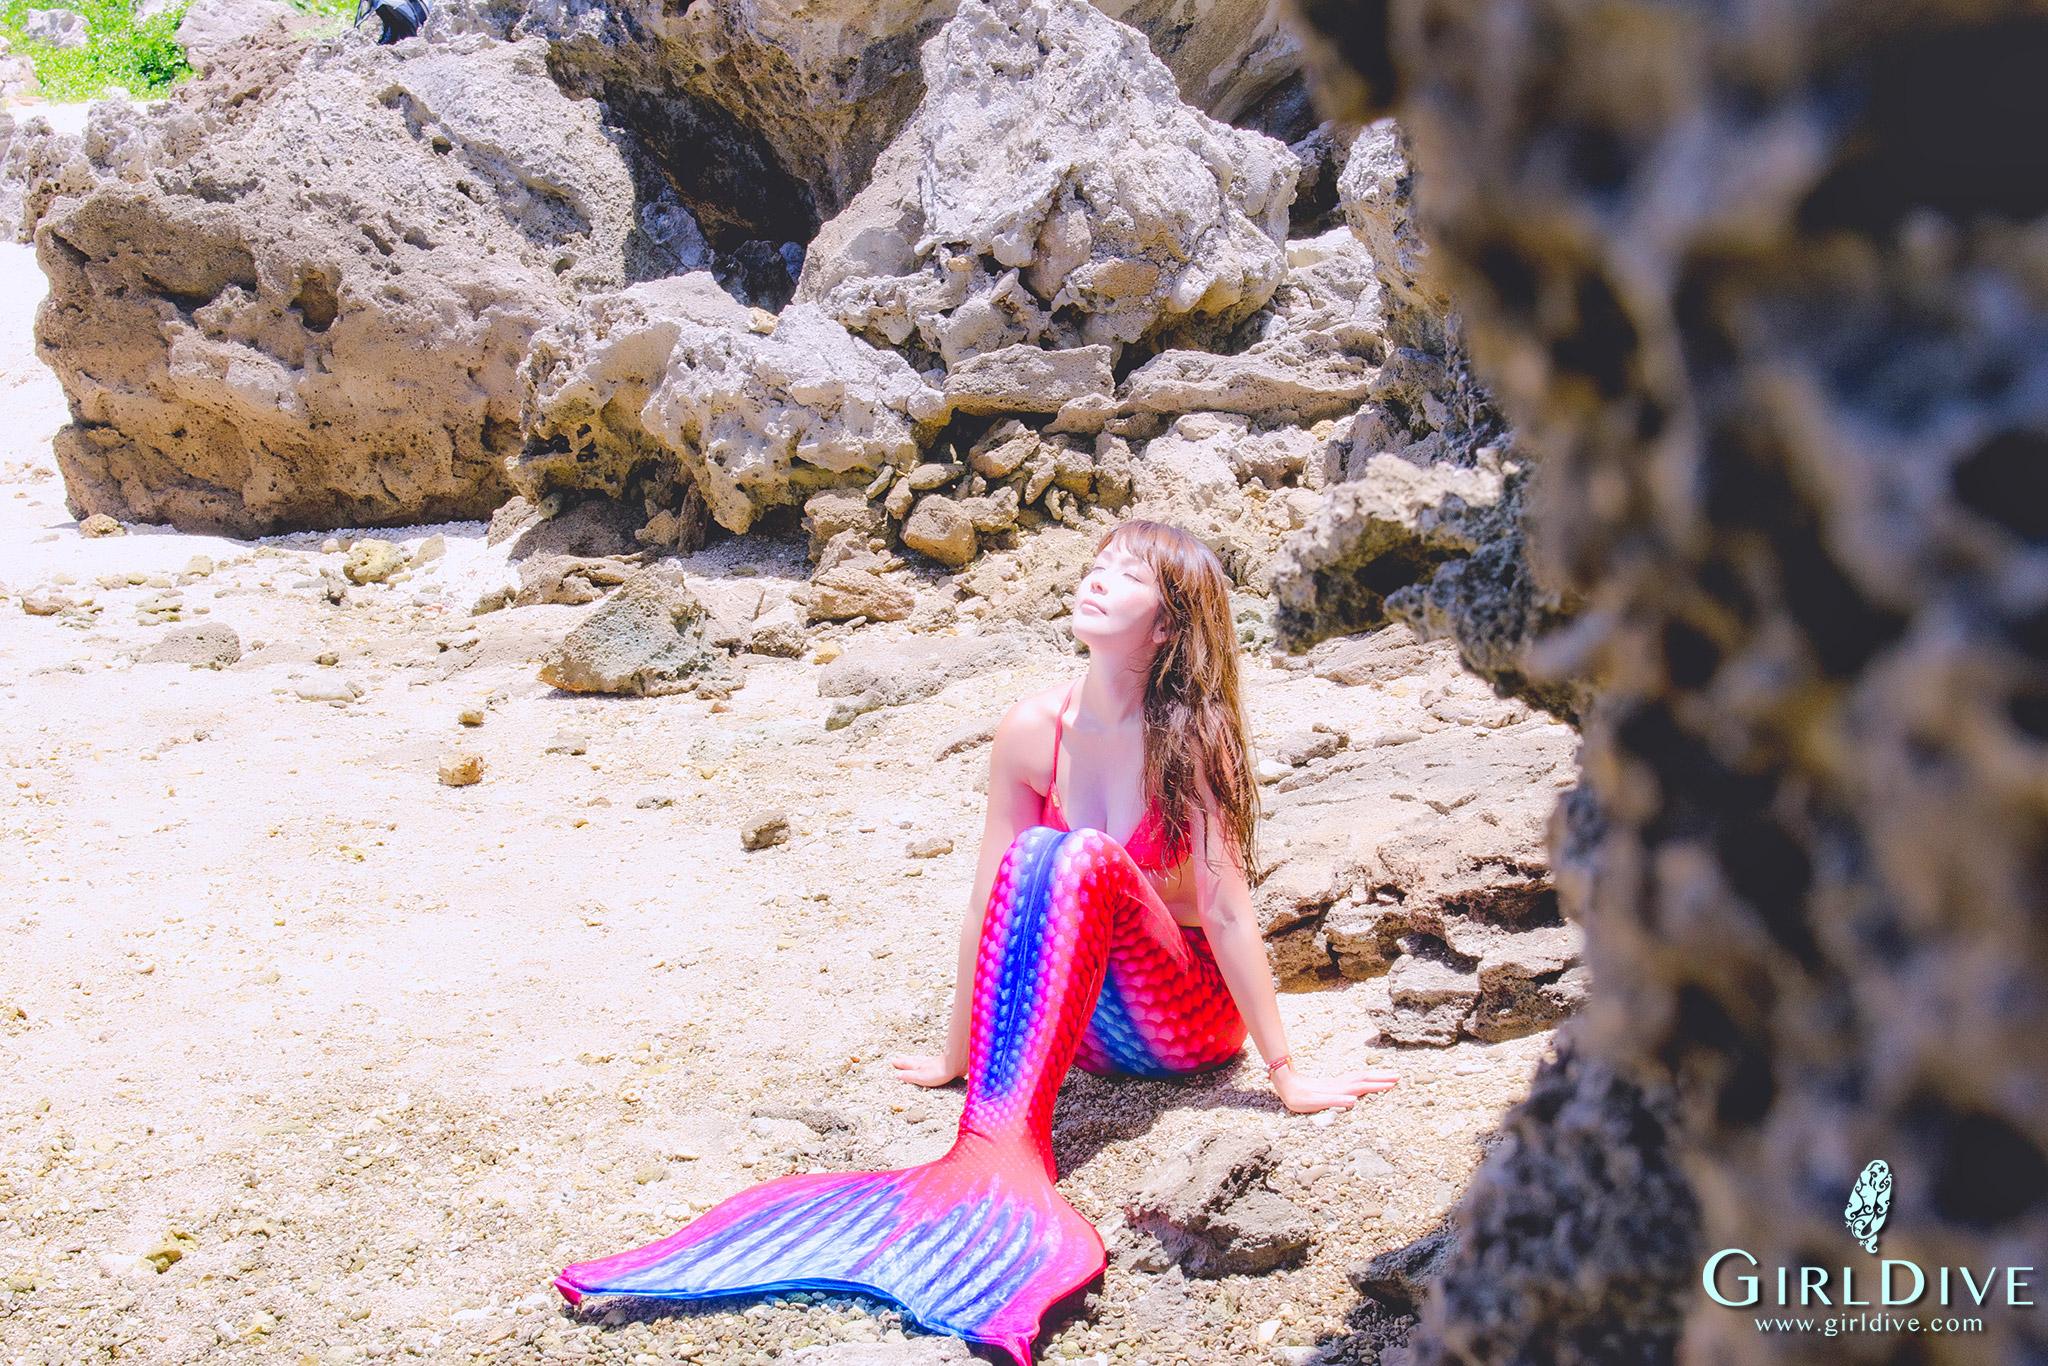 人魚尾巴,材質,攝影,浮潛,潛水